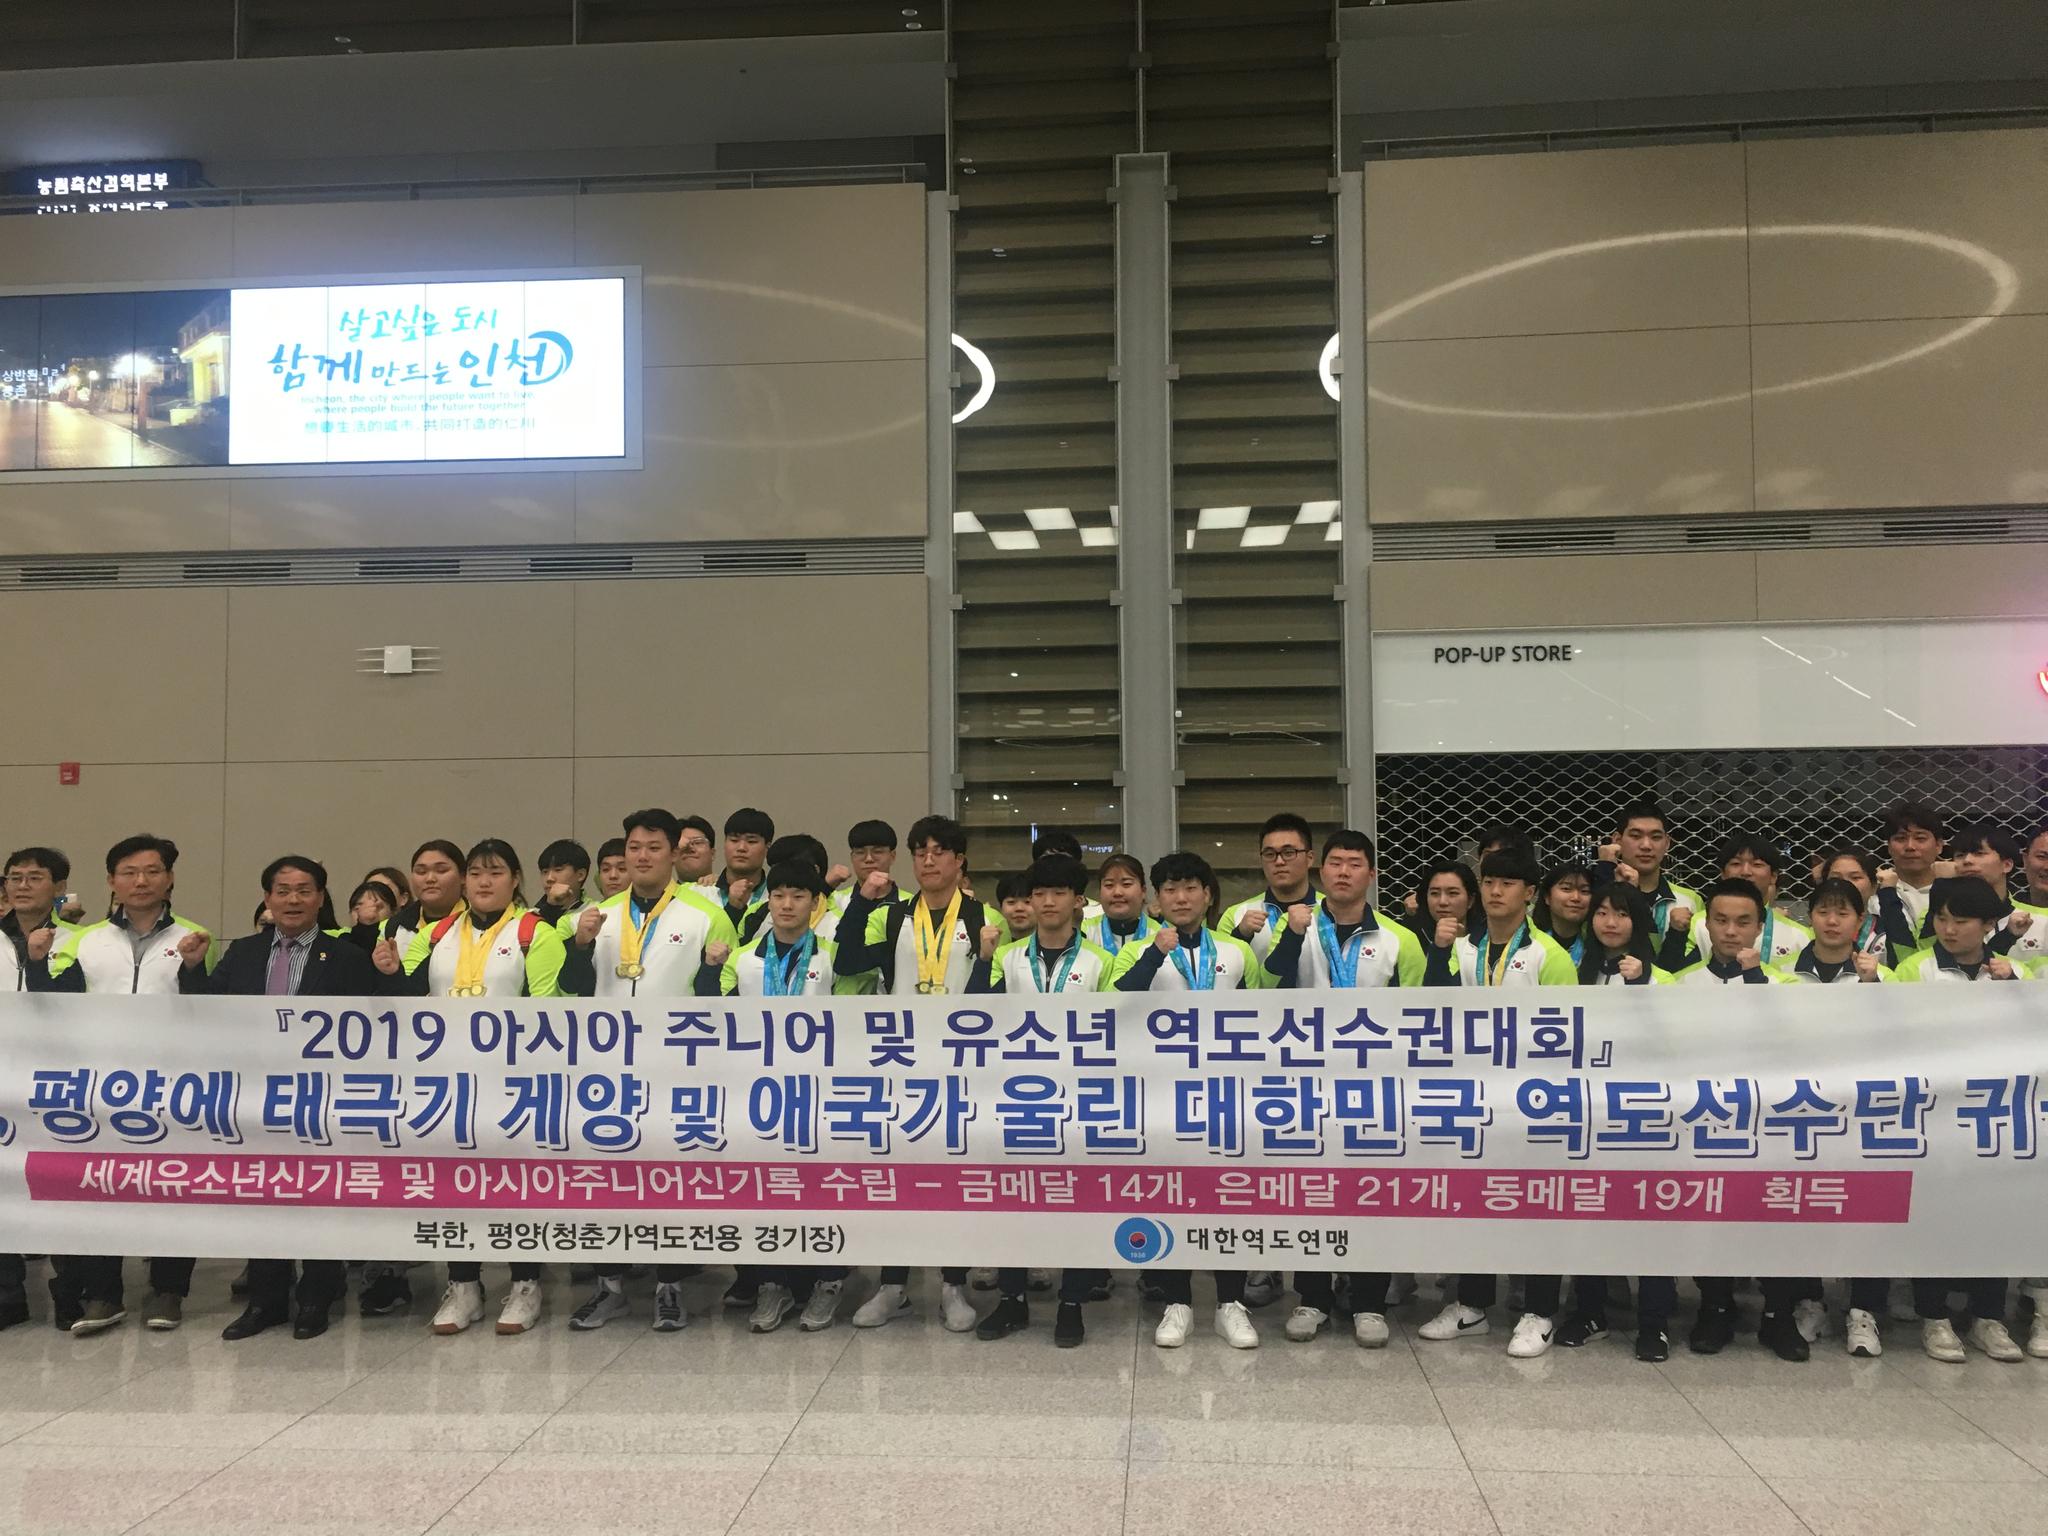 방북 일정을 마치고 인천공항에 도착한 역도 선수단과 대한역도연맹 관계자. 박린 기자